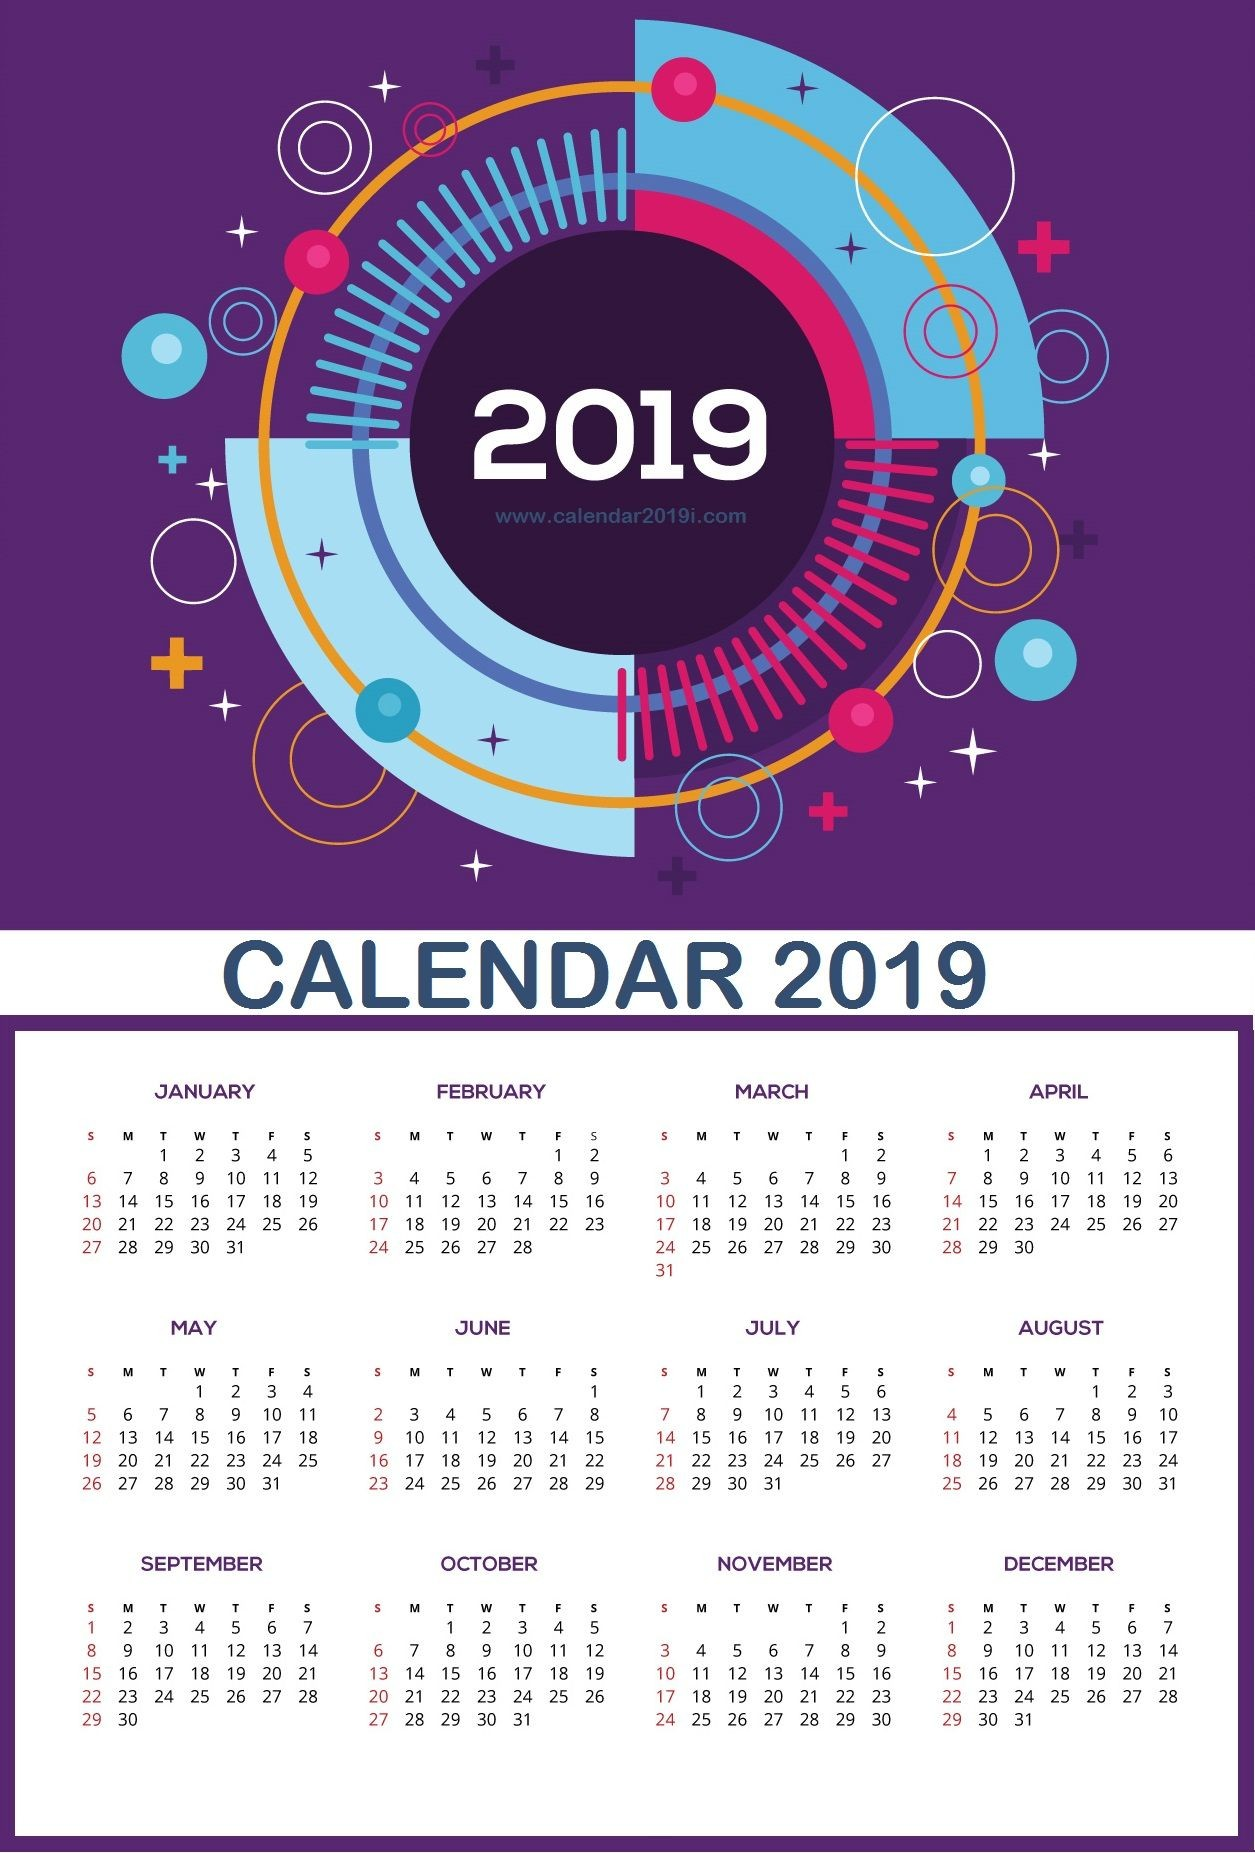 Wall Calendar 2019 planner Pinterest